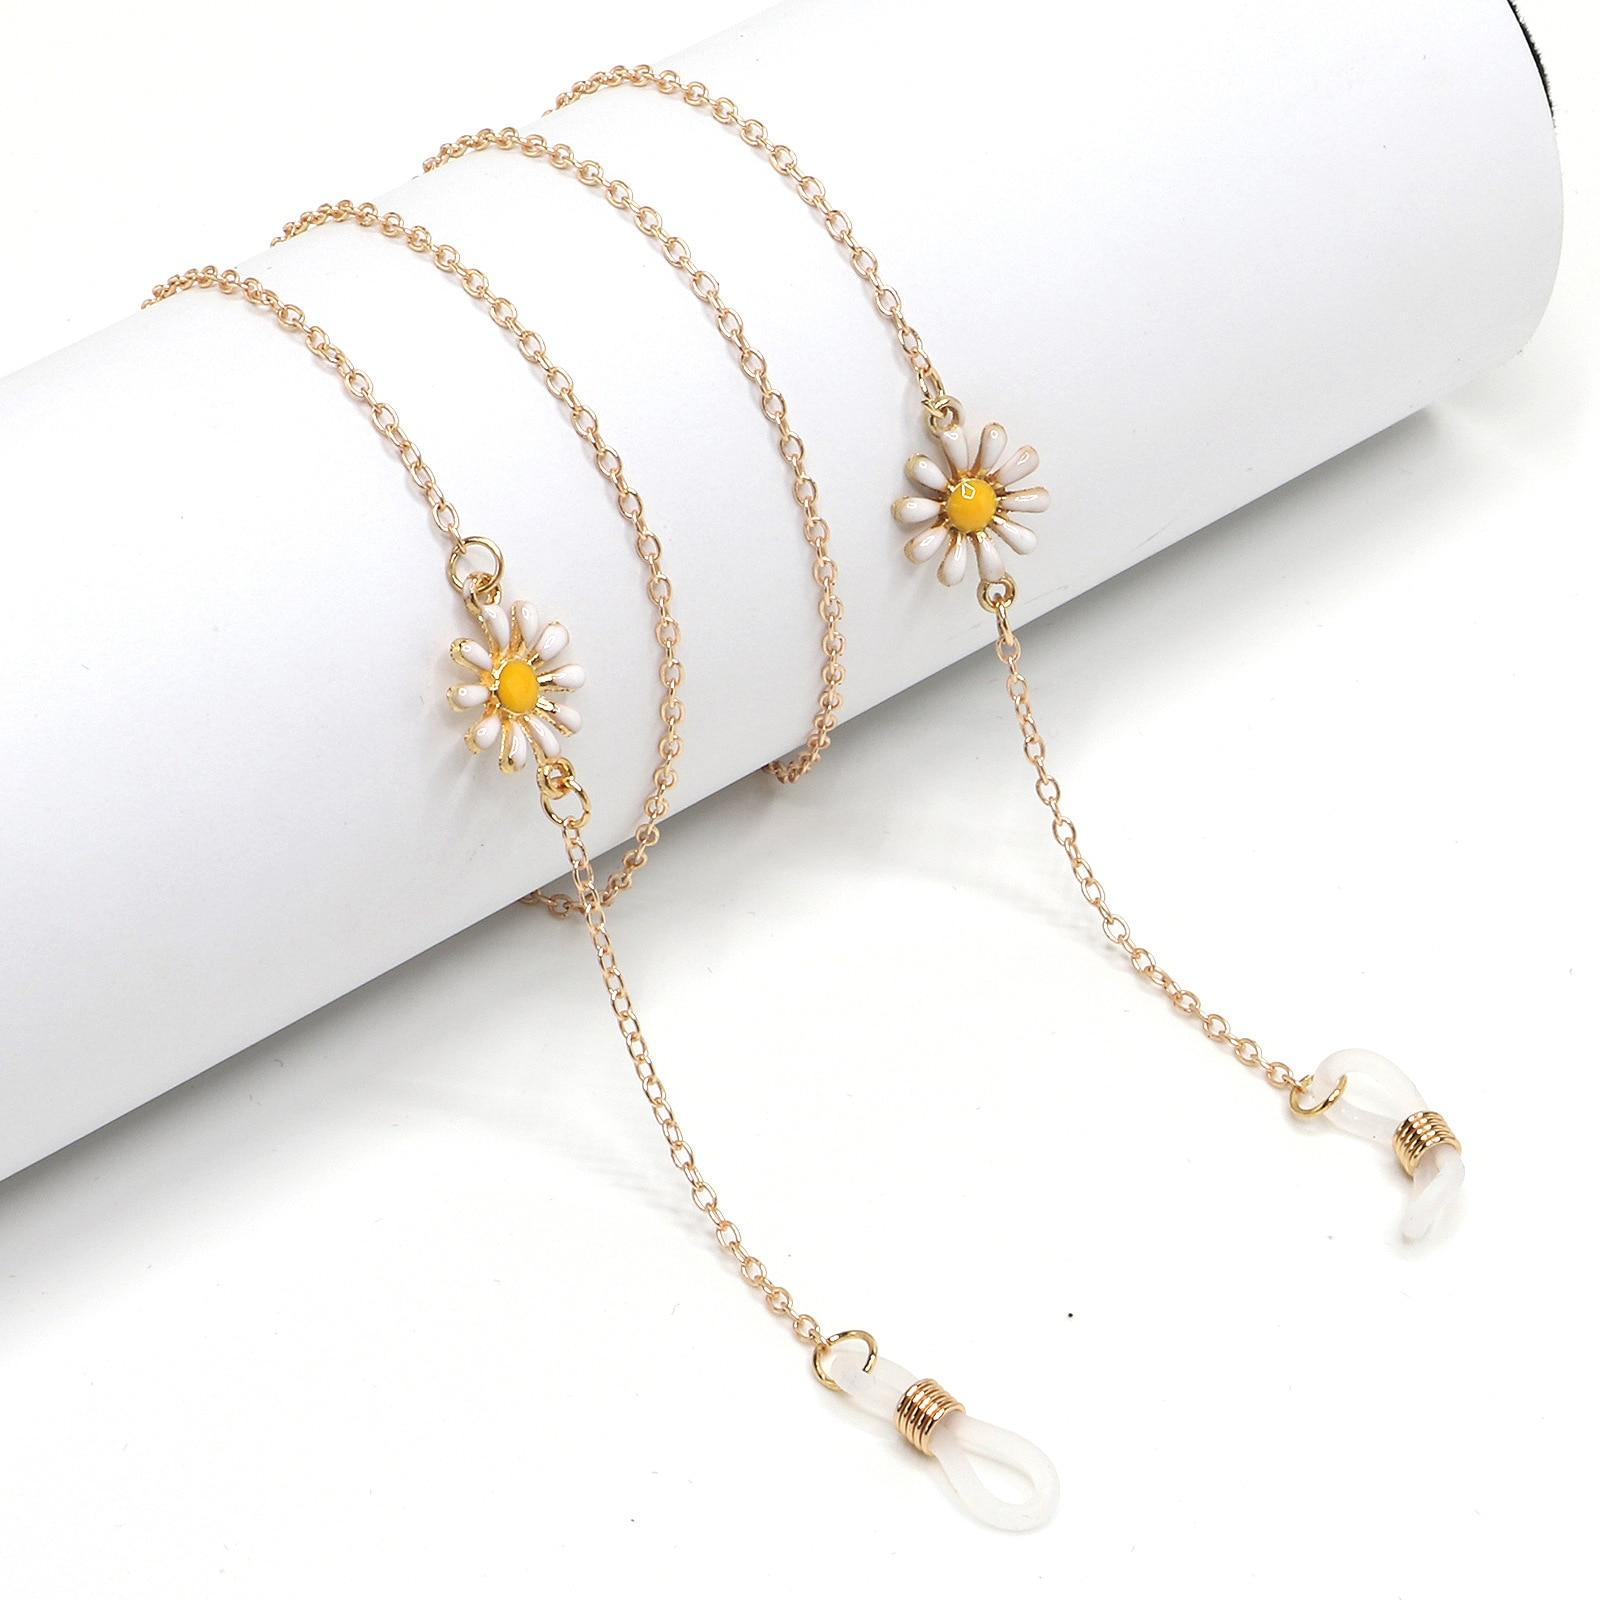 Óculos femininos luxuosos, feitos de metal antiderrapante, dourado, com pingente de flor, pequena, fofa, acessórios para mulheres